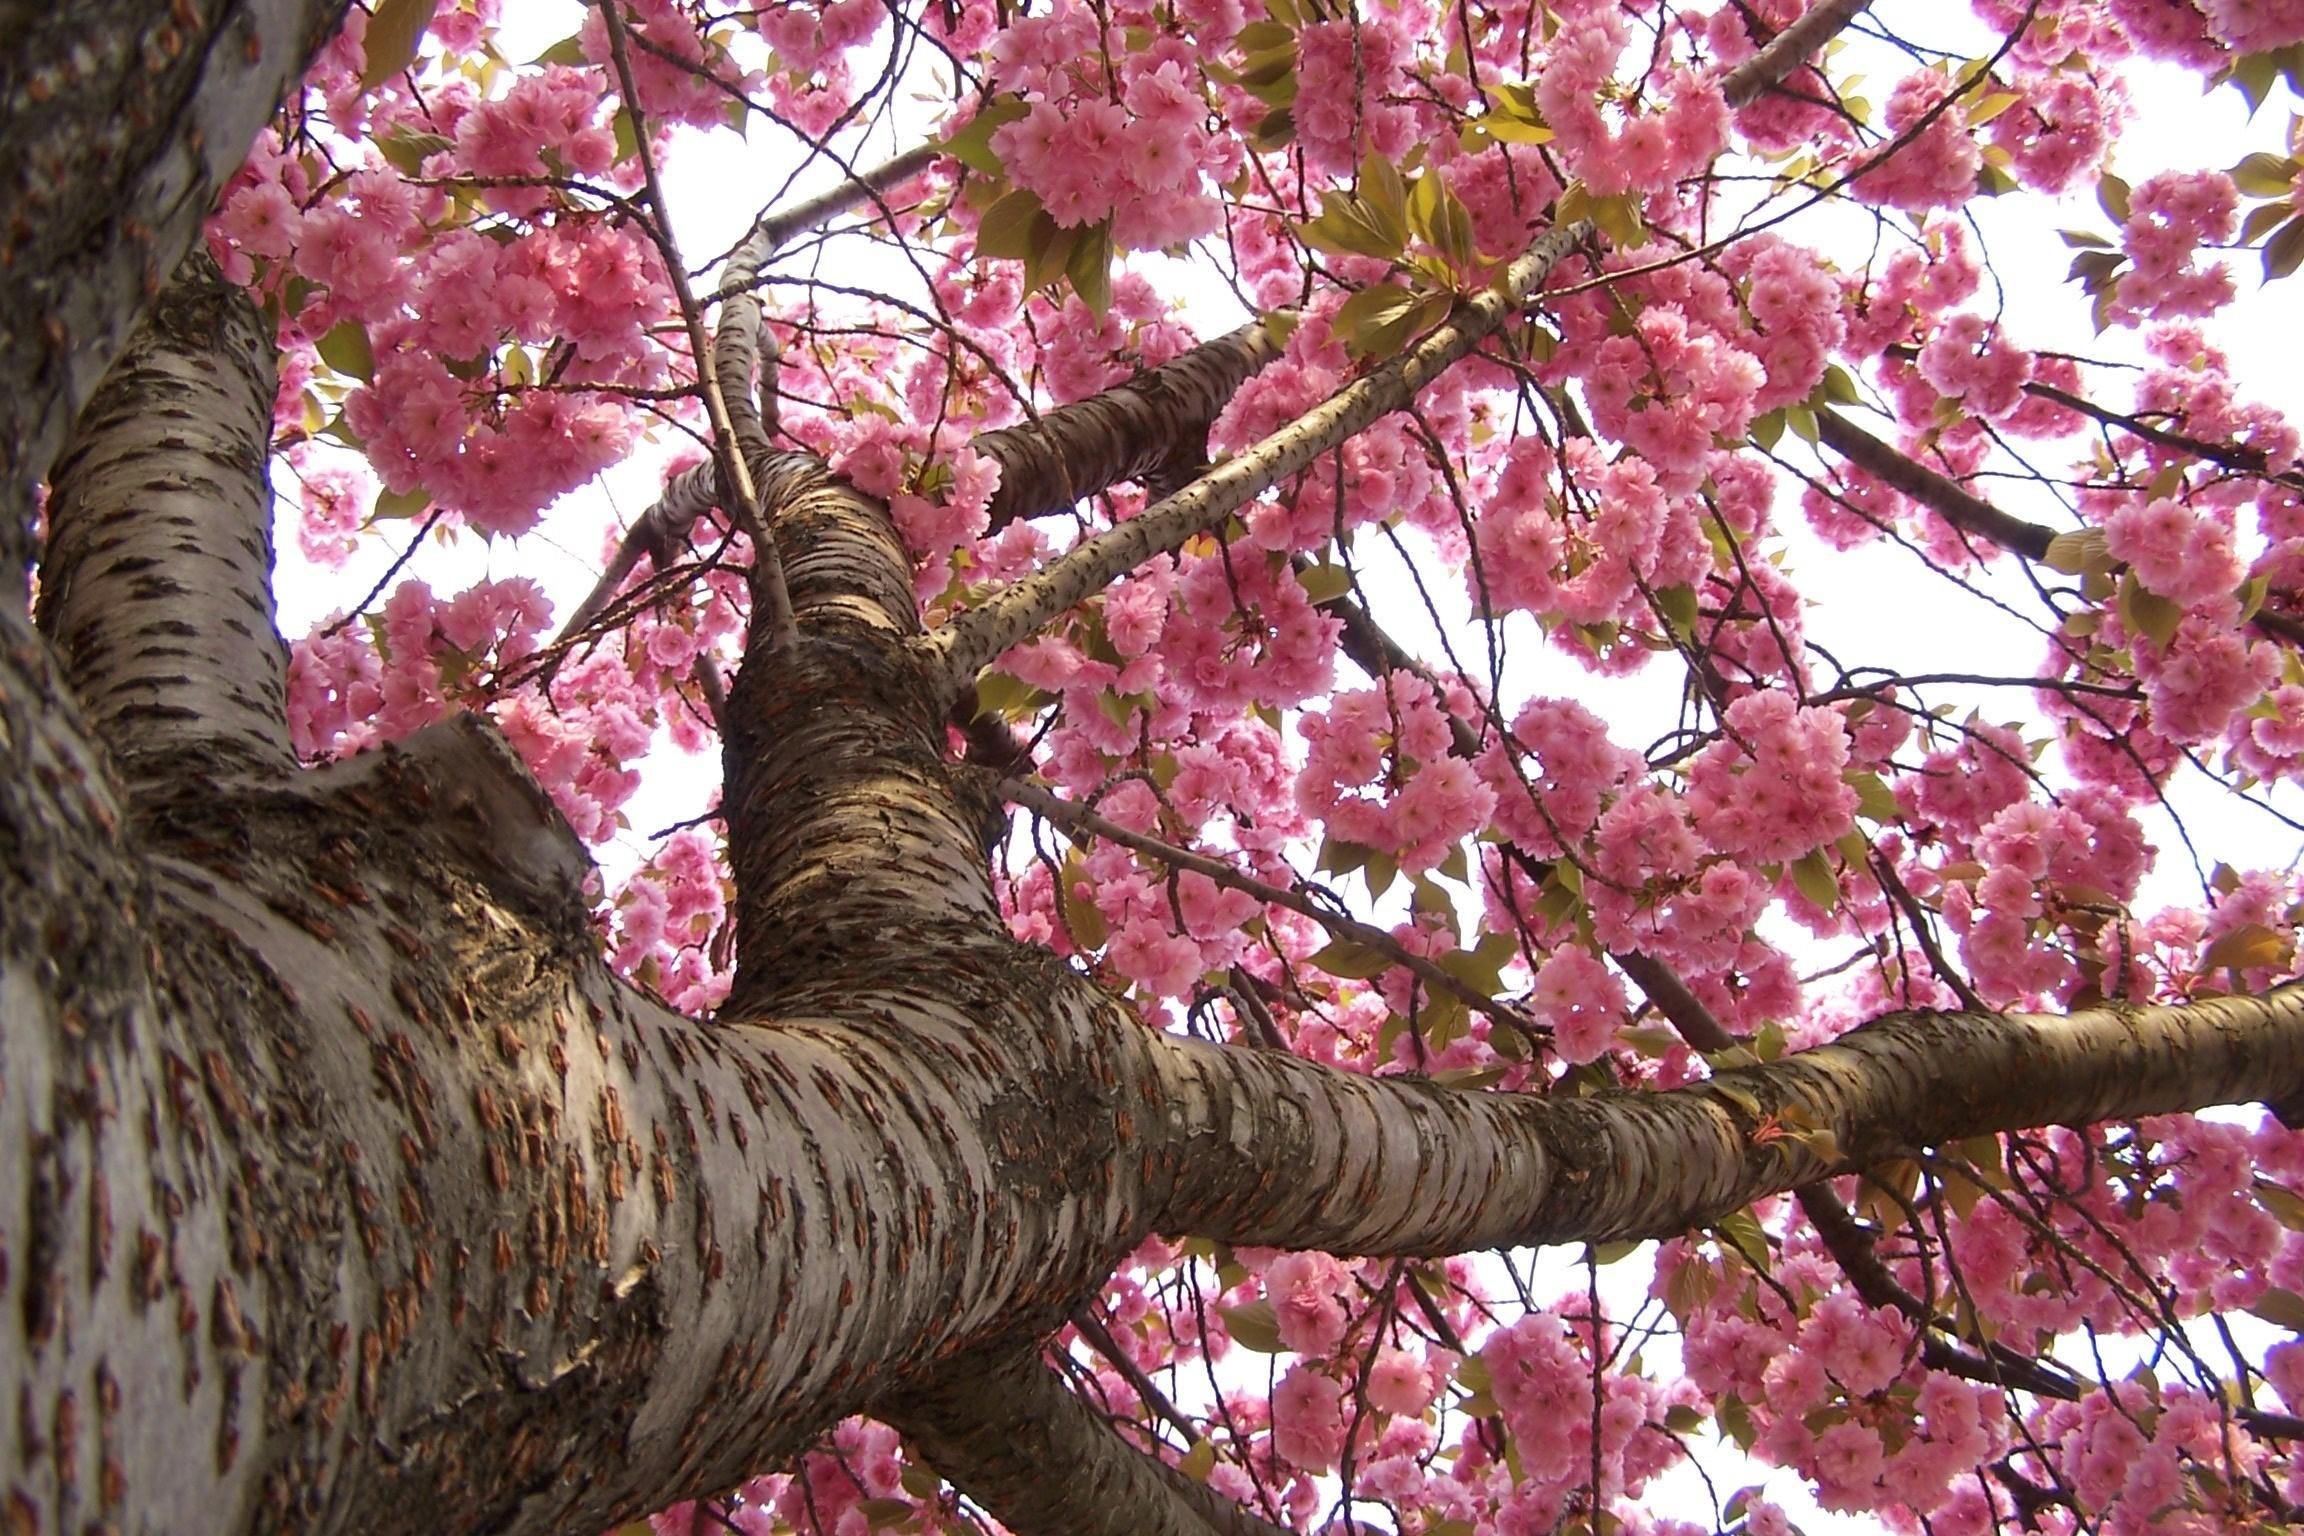 Sfondi full hd desktop fiori 86 immagini for Immagini desktop primavera